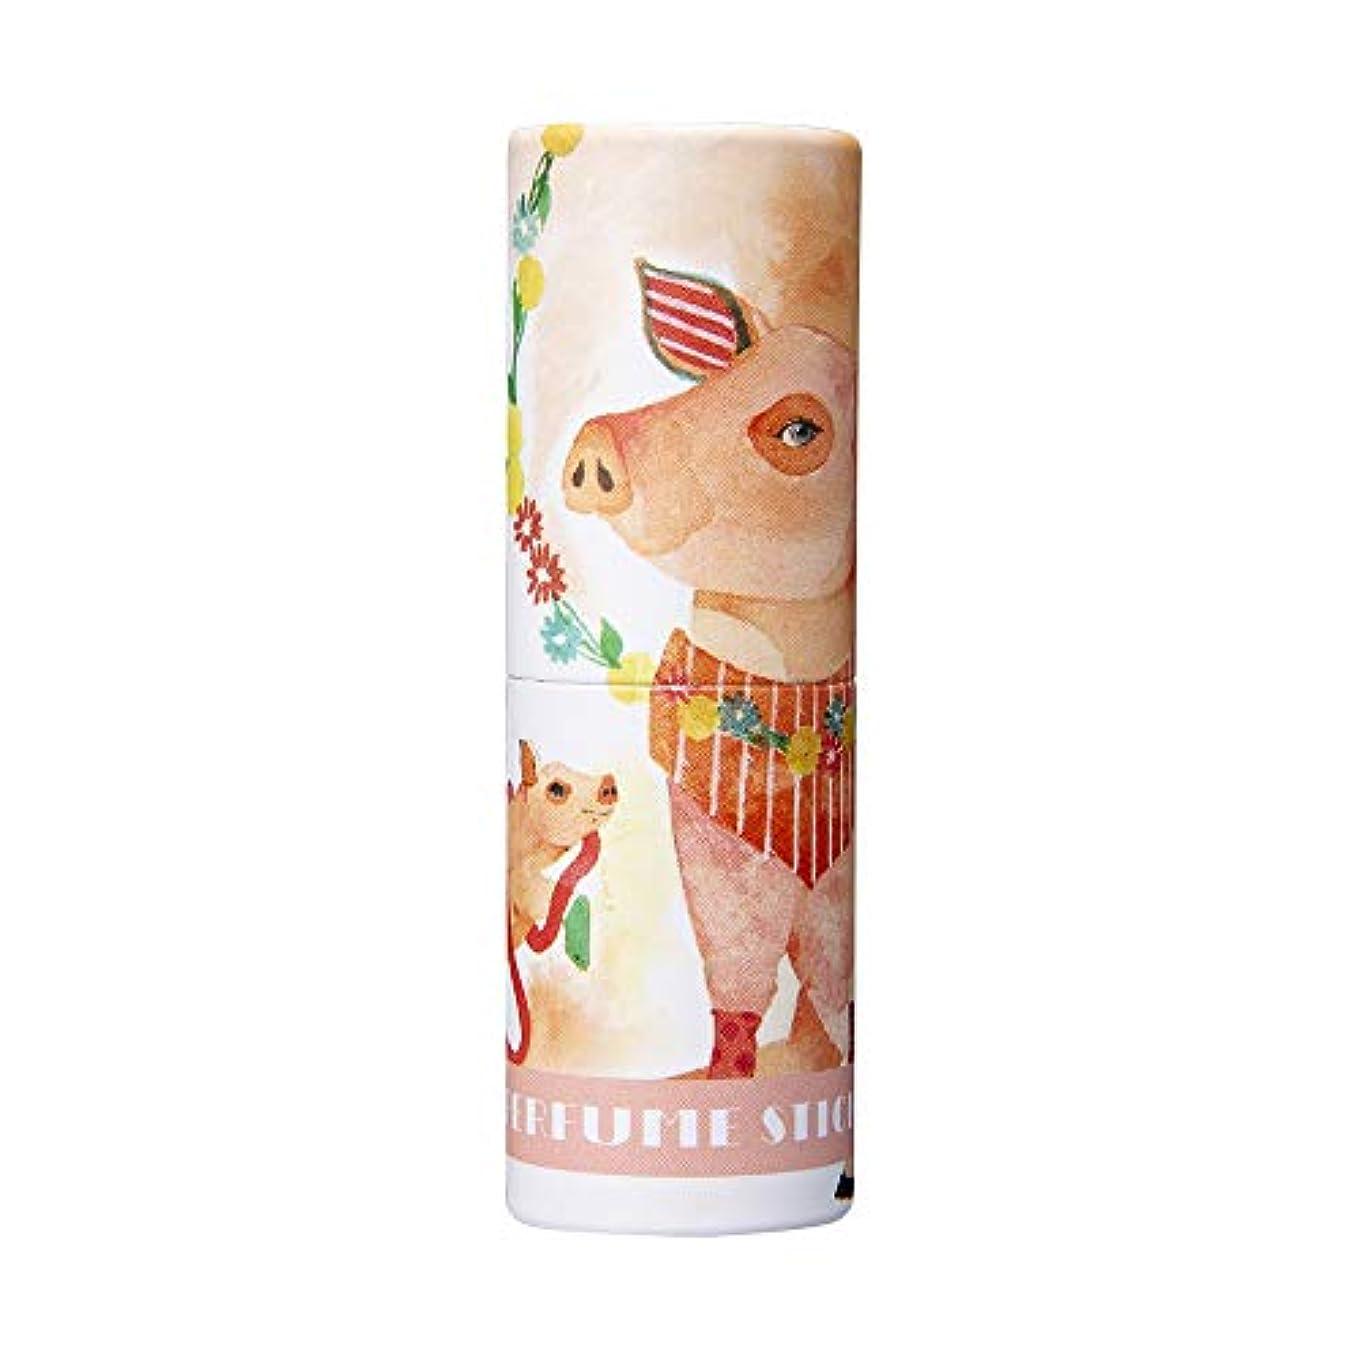 ガジュマル地区トラブルパフュームスティック ハッピー アップル&ローズの香り CatoFriendデザイン 5g